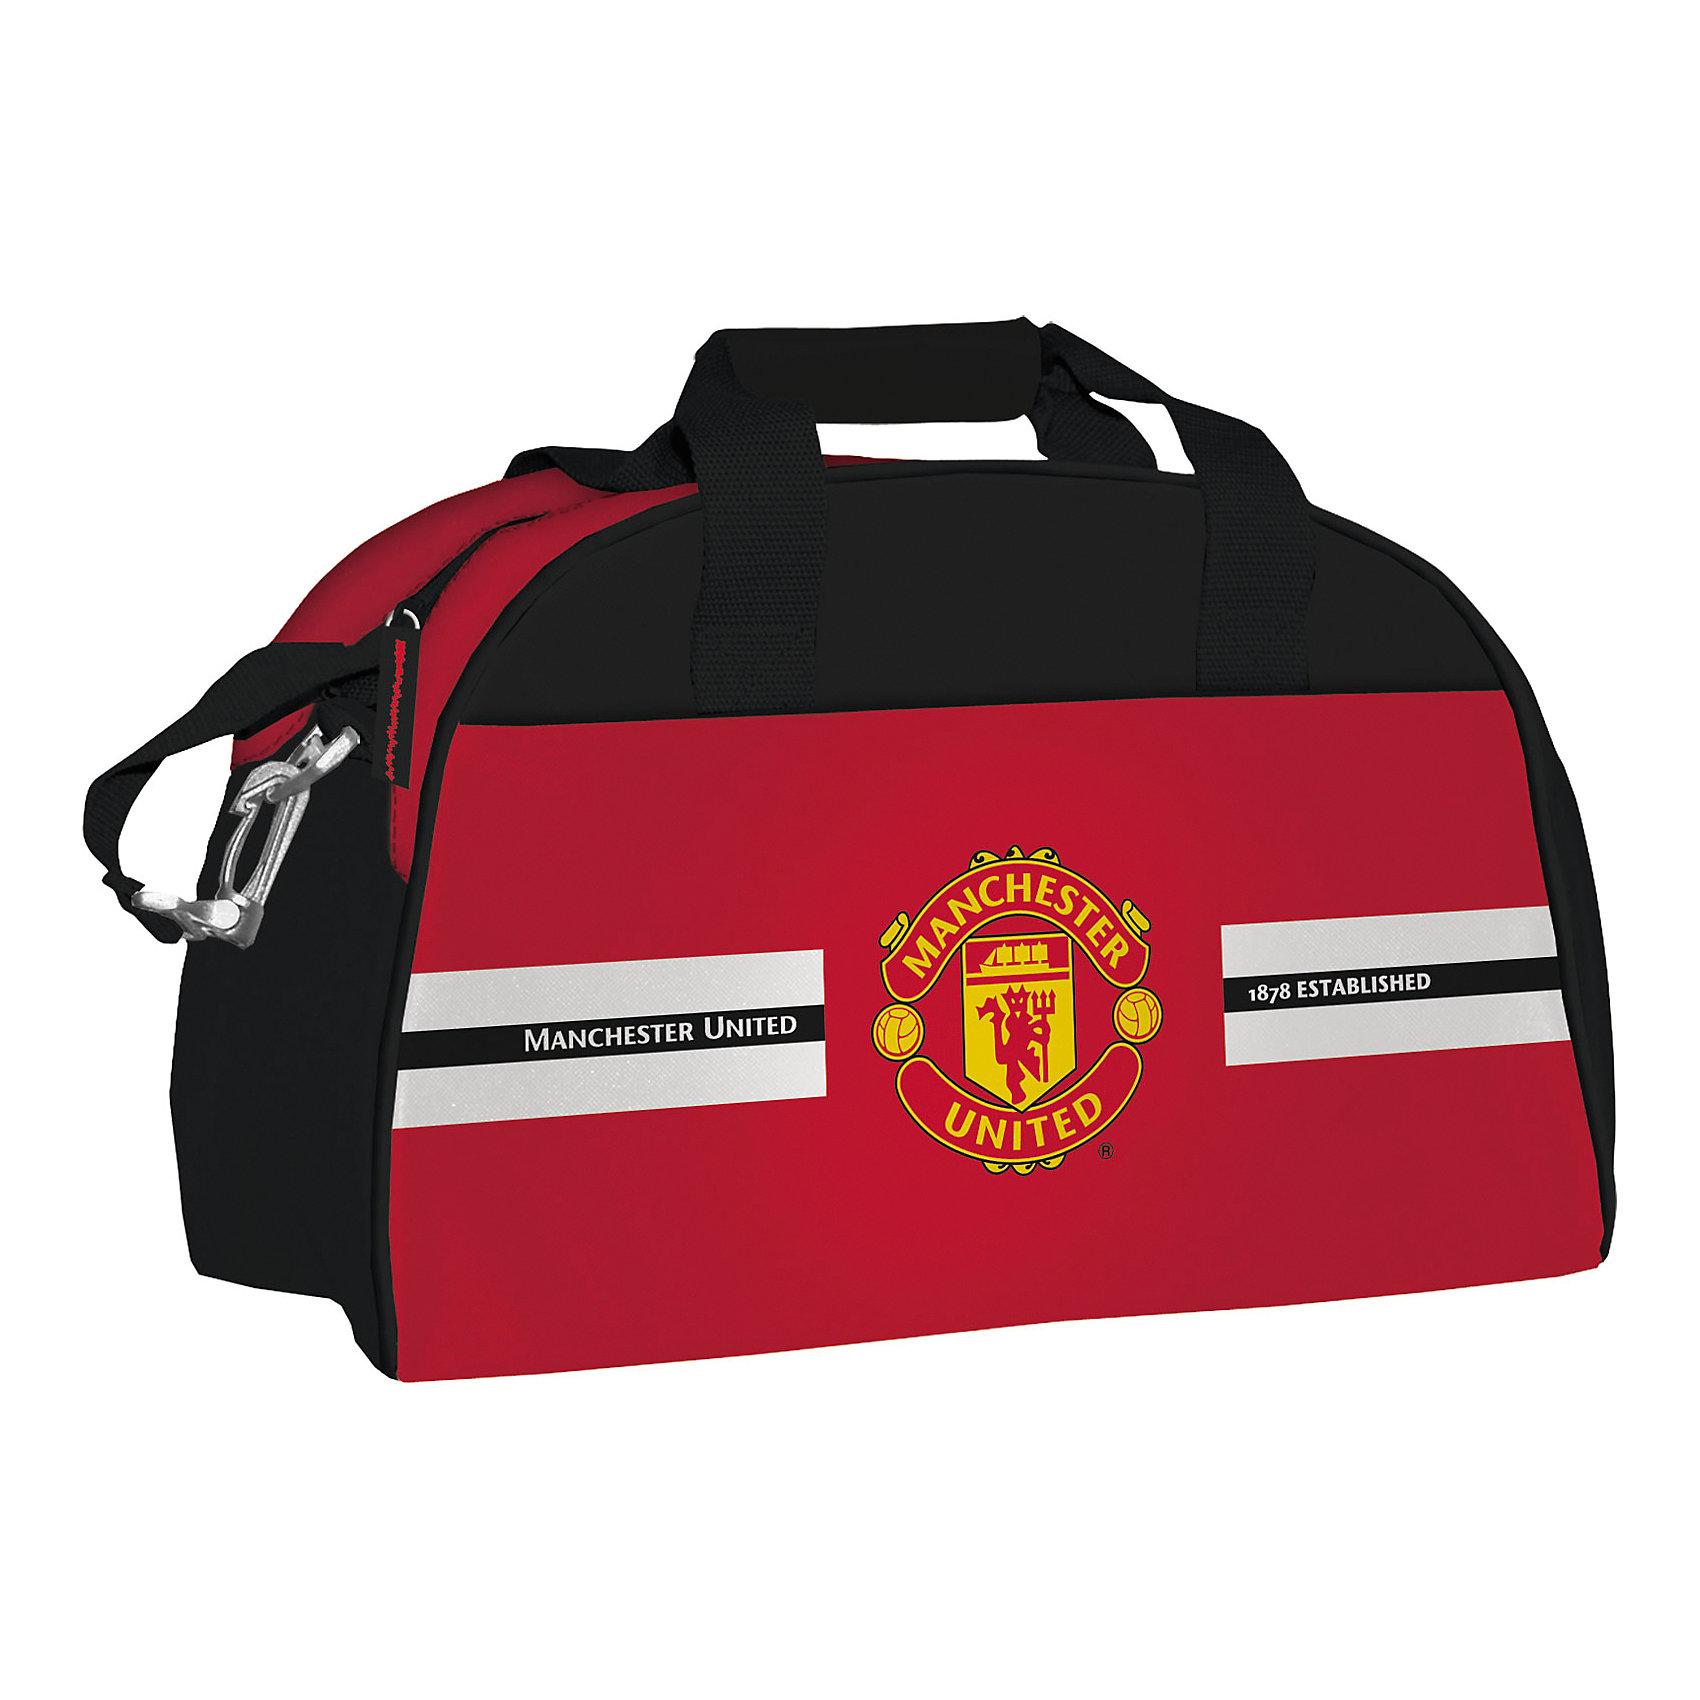 Сумка спортивная большая, Manchester United FCСумка спортивная большая, Manchester United FC, Академия Групп<br><br>Характеристики:<br><br>• большая и вместительная<br>• изготовлена из водонепроницаемого материала<br>• удобные ручки и ремень<br>• декорирована эмблемой ФК Манчестер Юнайтед<br>• размер: 48х30х22 см<br>• вес: 708 грамм<br><br>Стильная сумка по достоинству оценит каждый спортсмен. Модель выполнена из прочных материалов, не пропускающих воду. Сумка имеет форму полукруга, оснащена текстильными ручками и удобным длинным ремнем для ношения на плече. Сумка отличается ярким дизайном: красно-черная расцветка дополнена логотипом футбольного клуба Манчестер Юнайтед.<br><br>Сумку спортивная большая, Manchester United FC, Академия Групп вы можете купить в нашем интернет-магазине.<br><br>Ширина мм: 300<br>Глубина мм: 480<br>Высота мм: 220<br>Вес г: 708<br>Возраст от месяцев: 156<br>Возраст до месяцев: 180<br>Пол: Мужской<br>Возраст: Детский<br>SKU: 5218450